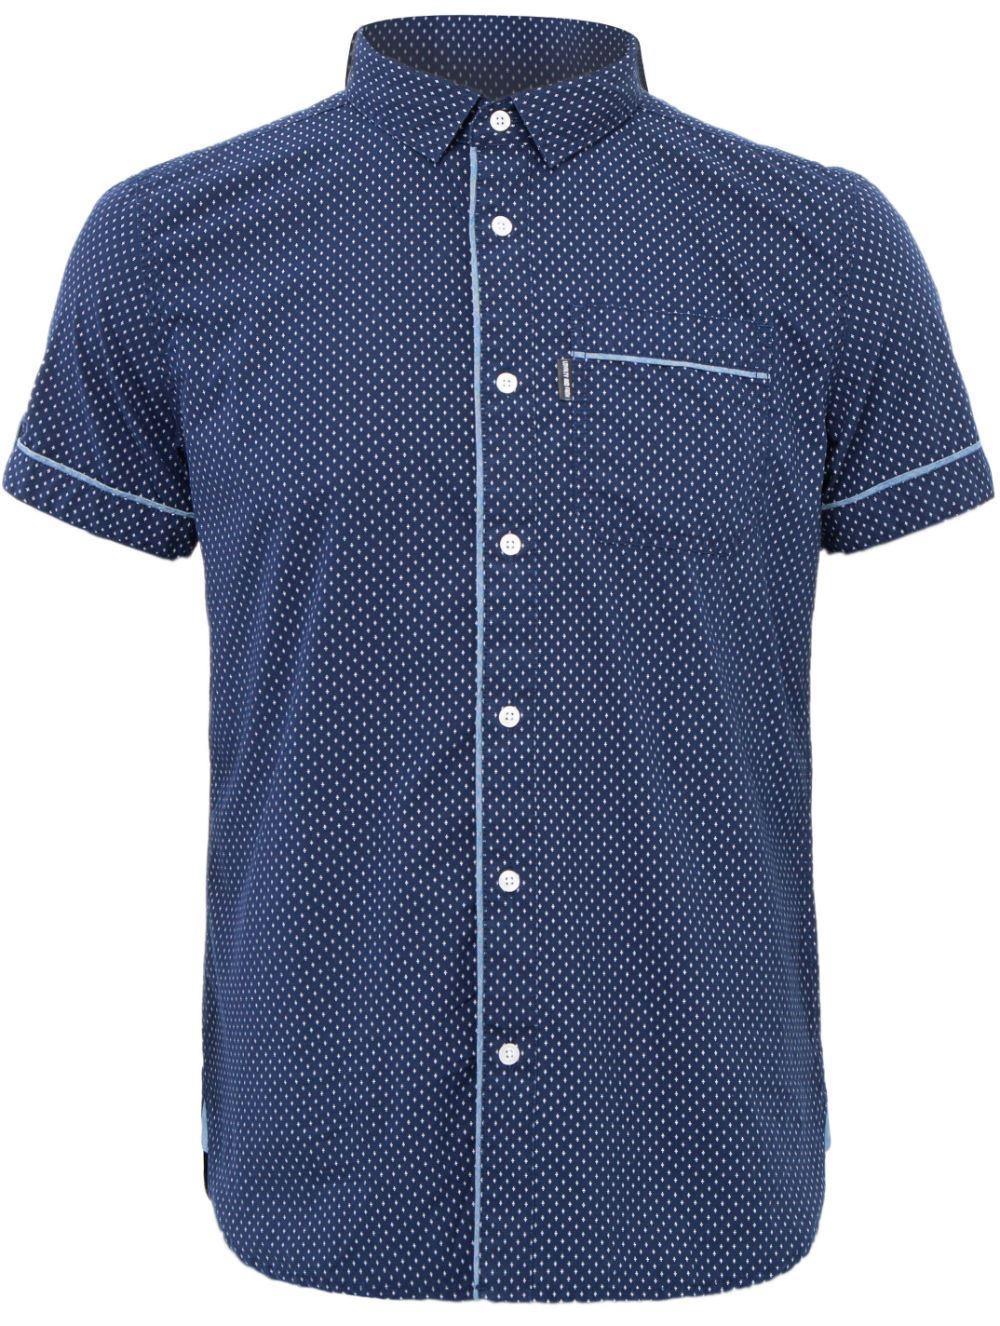 Loyalty & Faith Mazza Shirt - Blue|4XL